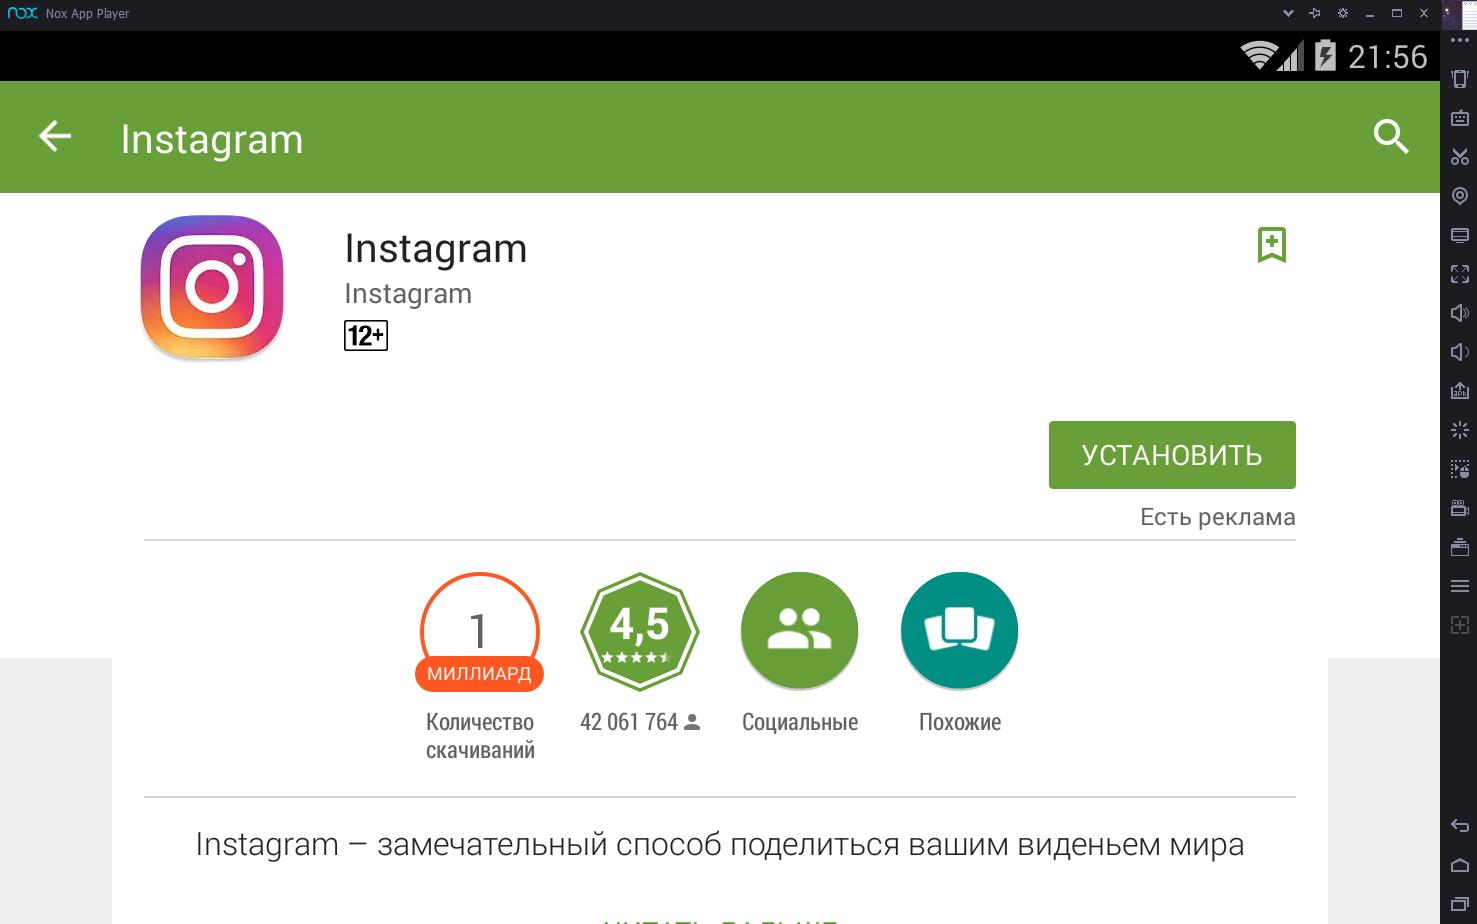 Как выглядит окно в Play-Market, из которого пользователь может скачать Инстаграм